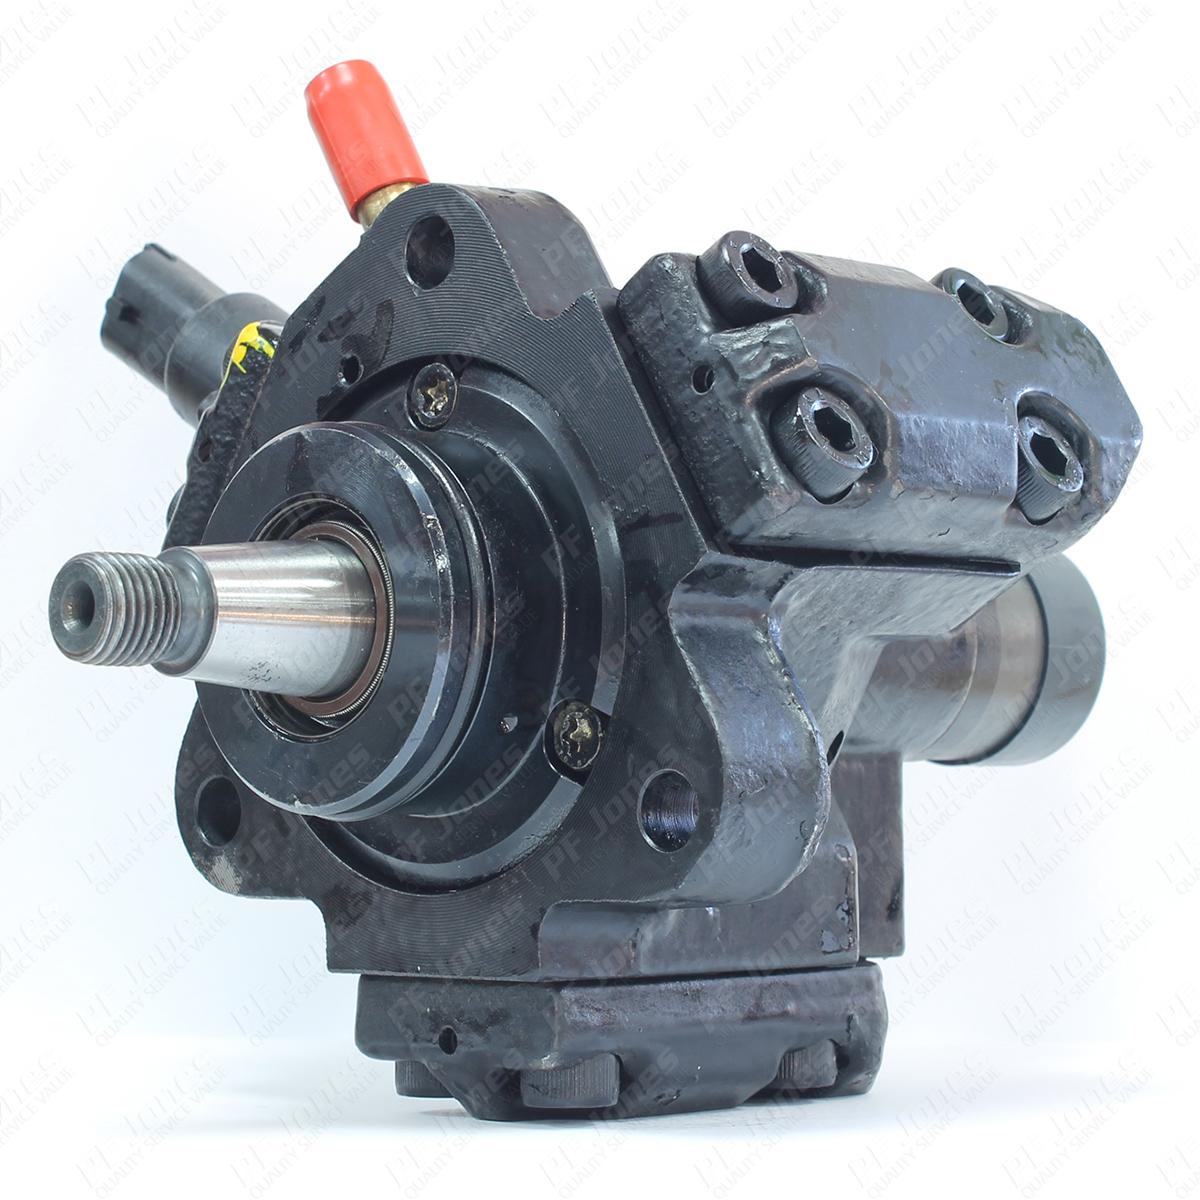 Fiat Ducato 2.8 JTD 2004-2006 New Bosch Common Rail Pump 0445020006